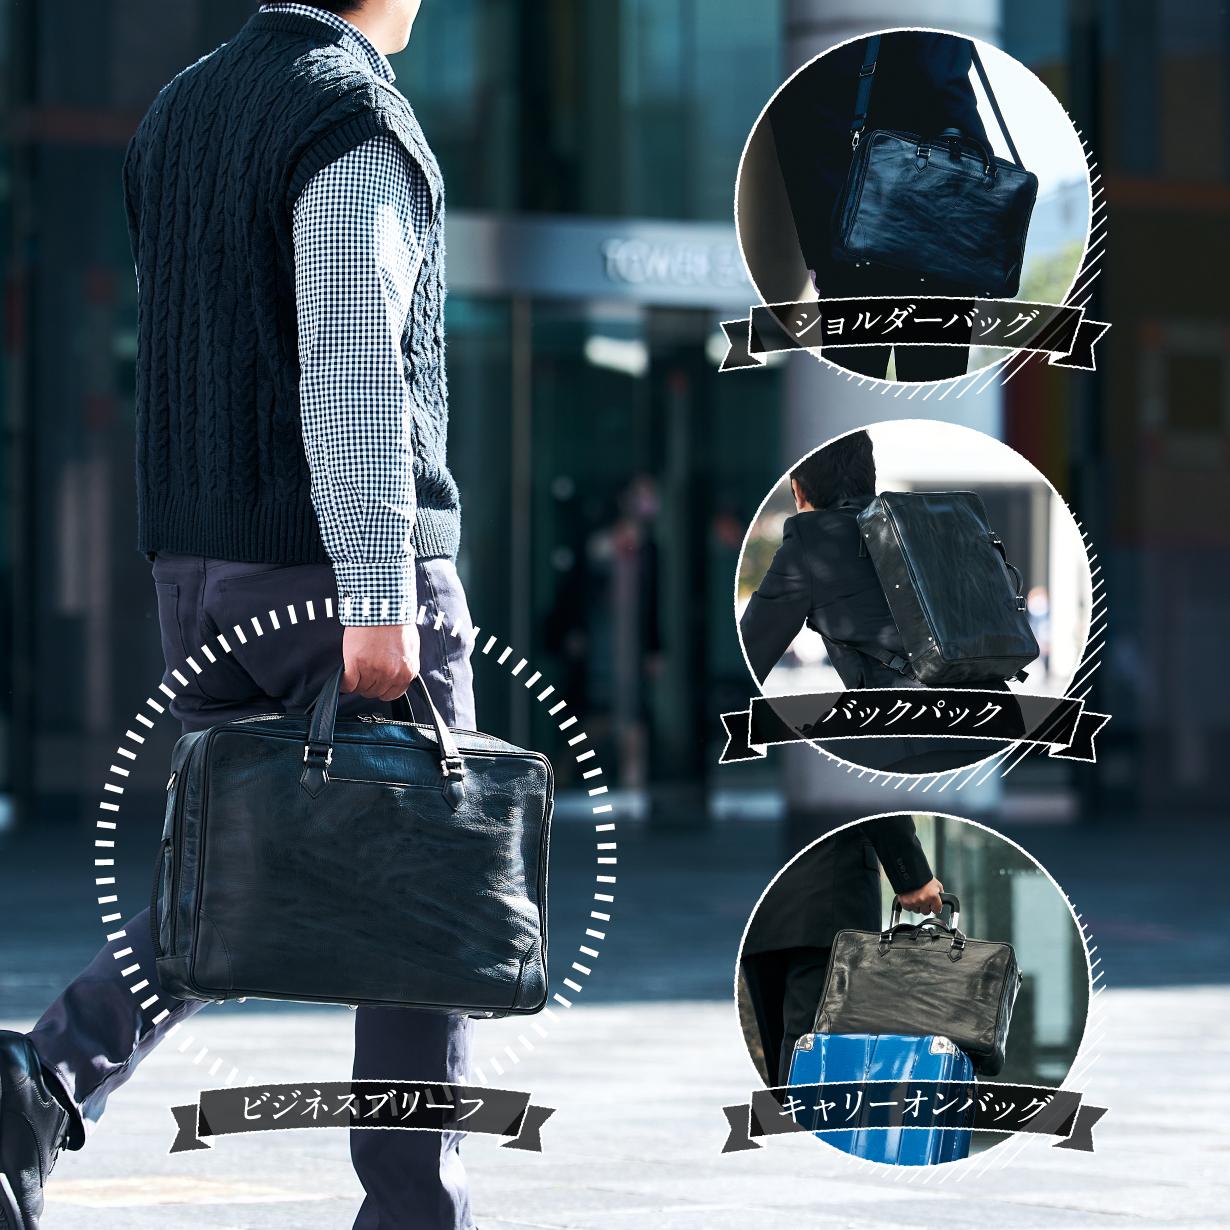 使い勝手を追求した、こだわりの《大容量4WAYバッグ》 職人も惚れ込んだ極上オイルレザーバッグ